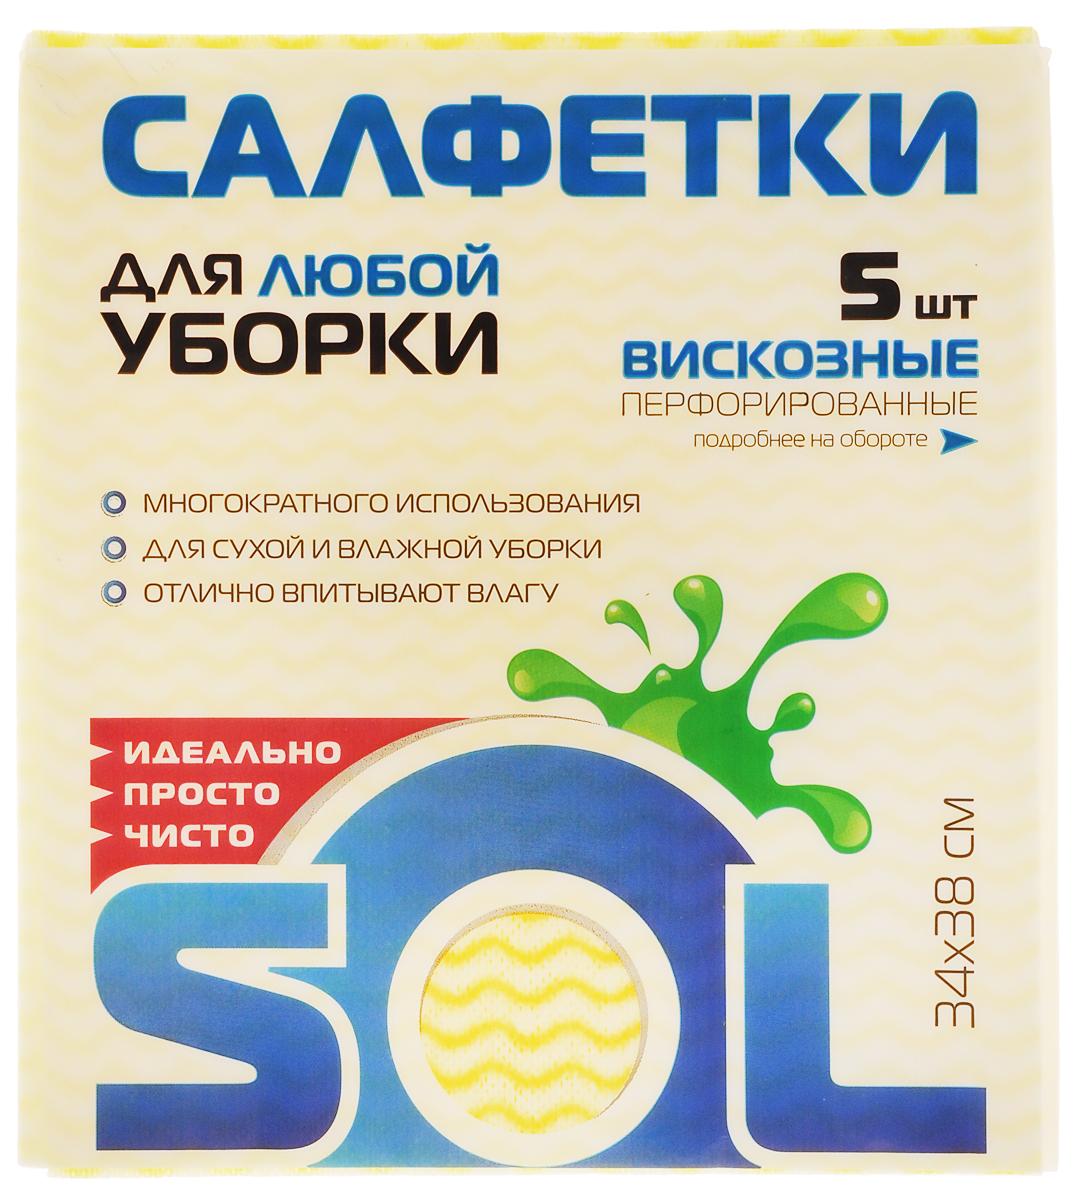 Салфетка для уборки Sol из вискозы, перфорированная, цвет: желтый, белый, голубой, 34 x 38 см, 5 шт10503Перфорированные салфетки для уборки Sol, выполненные из вискозы, предназначены для уборки и могут применяться с различными моющими средствами. Эффективно впитывают жидкость. Мягкие и прочные, легко отжимаются и быстро сохнут.Рекомендации по уходу: Для обеспечения гигиеничности уборки после применения прополоскать в теплой воде.Для продления срока службы не применять машинную стирку, не гладить и не кипятить.